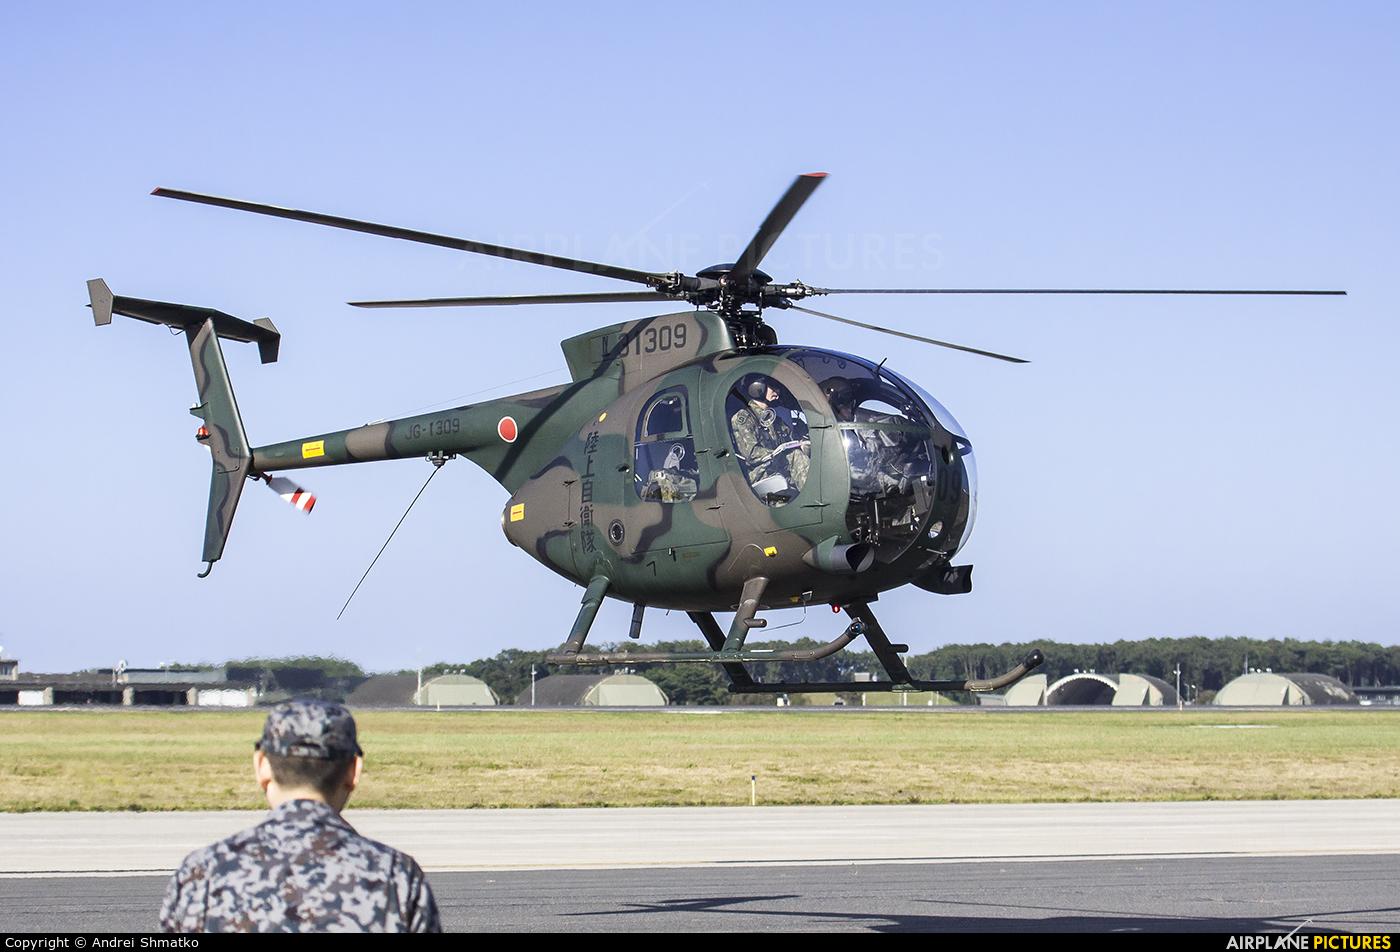 Japan - Ground Self Defense Force 31309 aircraft at Misawa